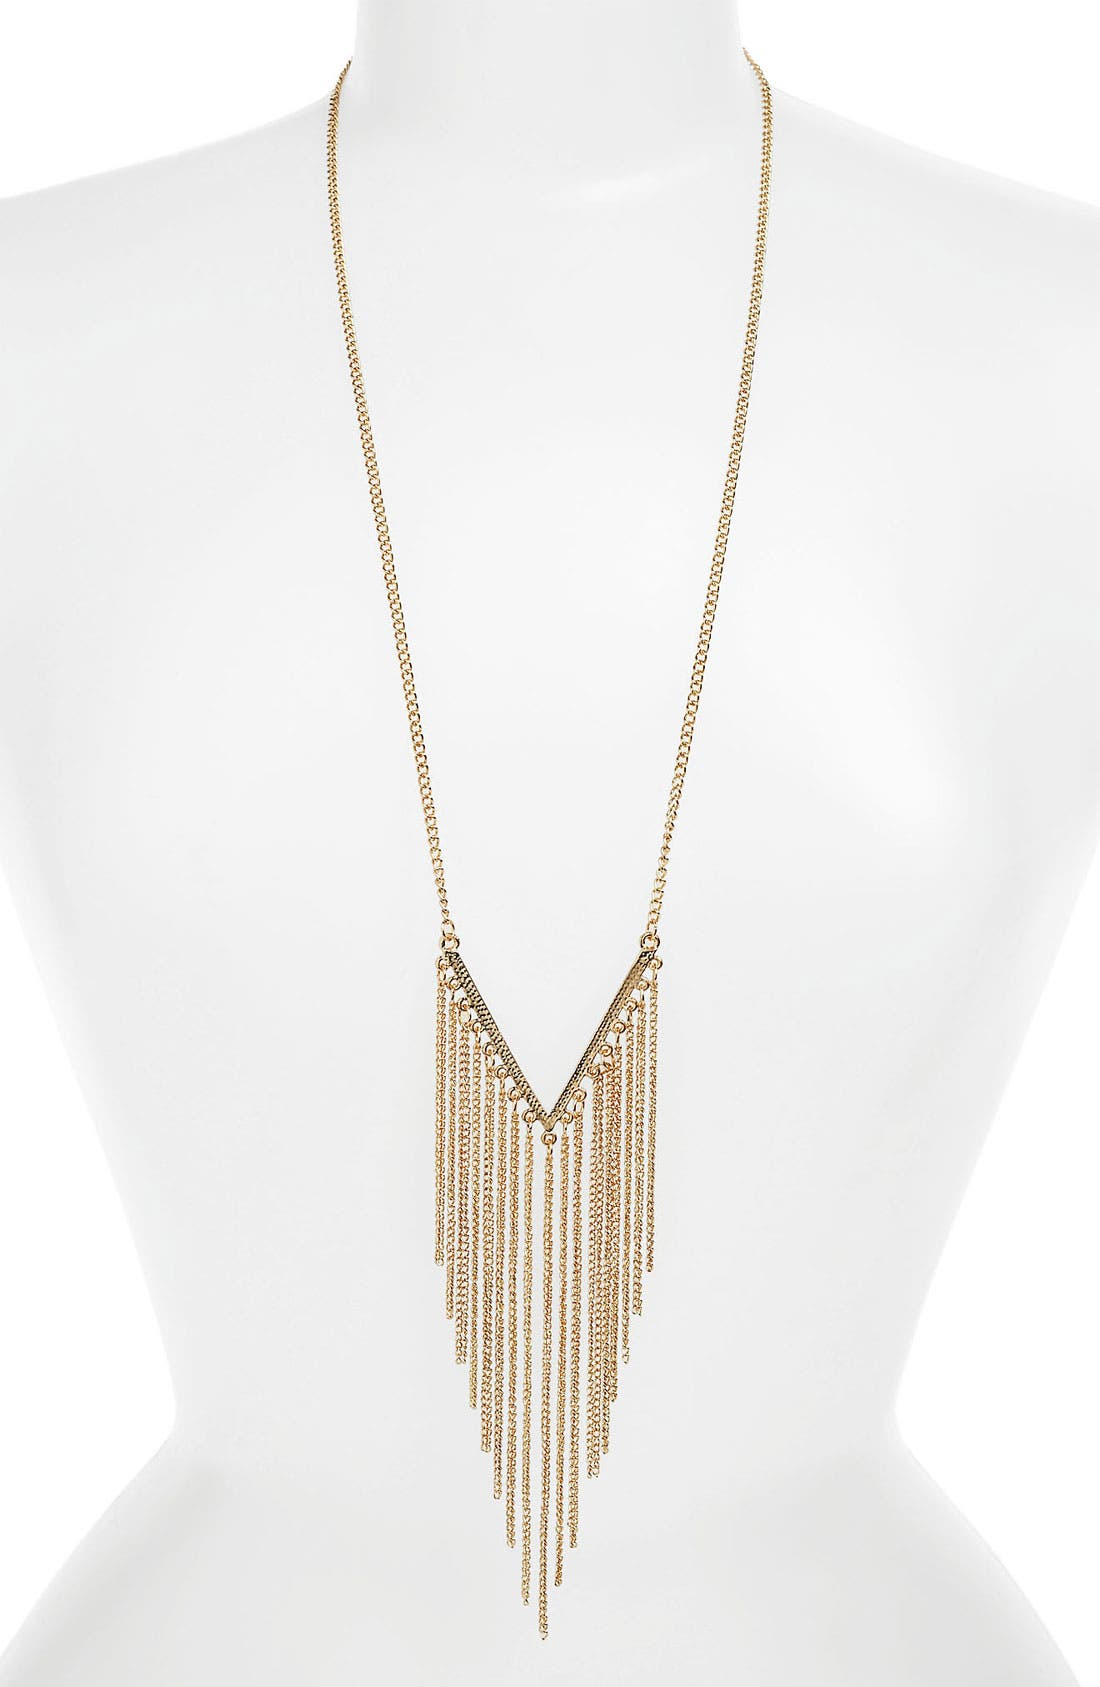 Main Image - Carole Chain Fringe Necklace